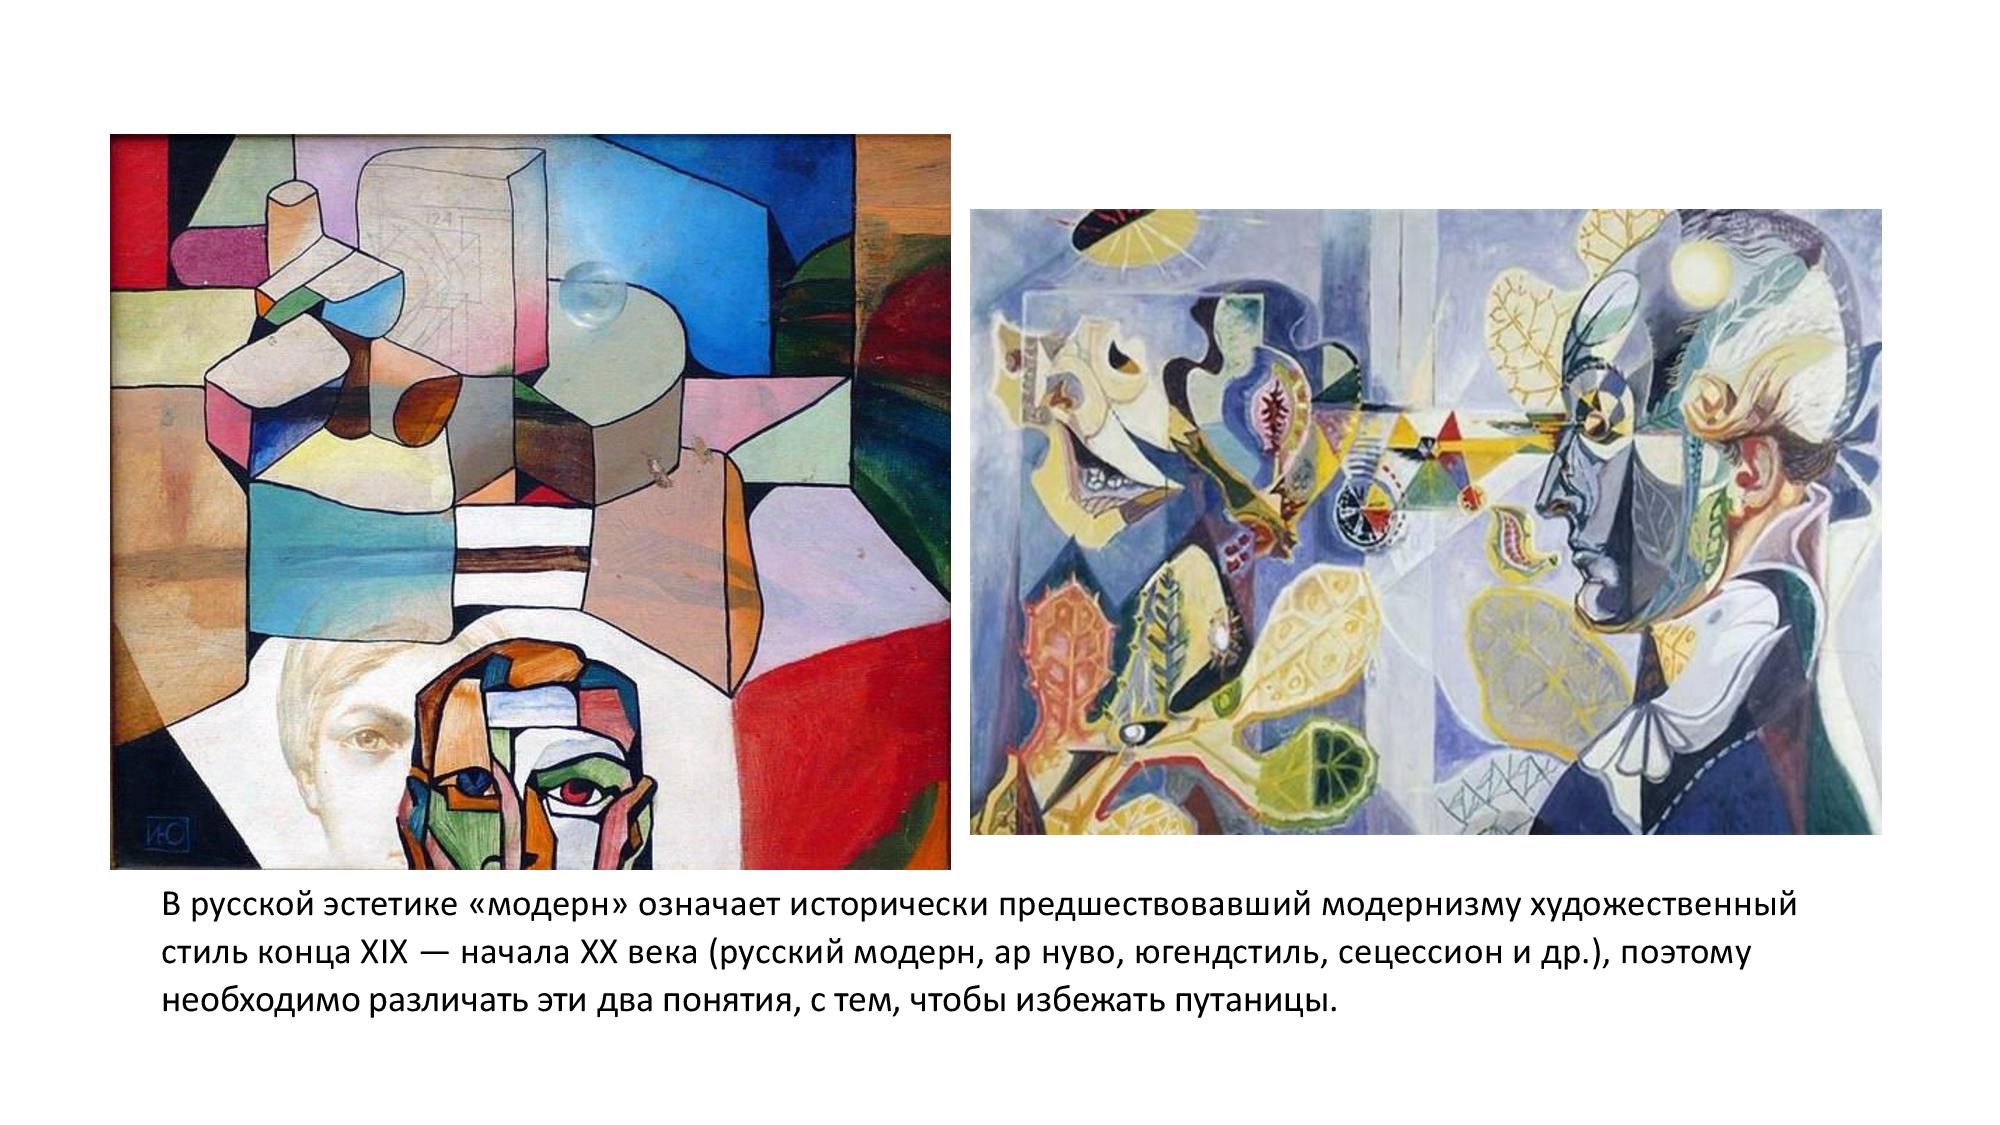 Постмодернизм — направление в искусстве xx-xxi веков: что такое постмодернизм, стили, особенности, история, примеры в живописи. картины художников-постмодернистов варо, раушенберга, херста, кунса